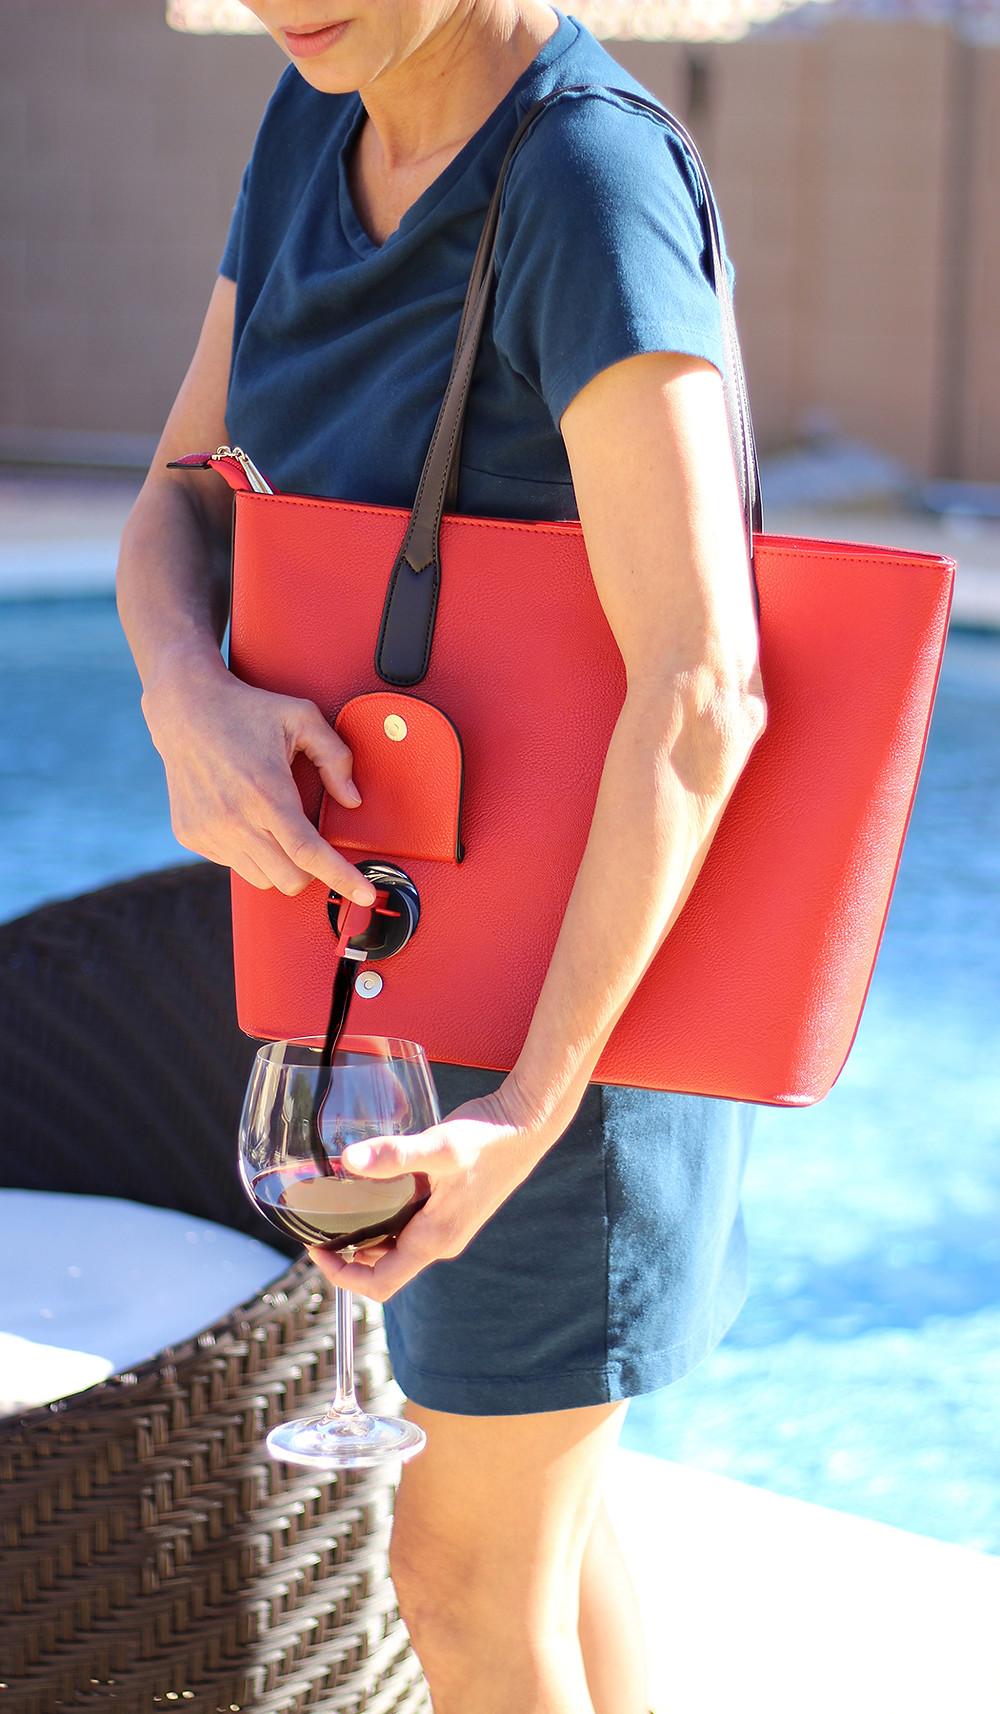 Özel tasarım kadın çantası